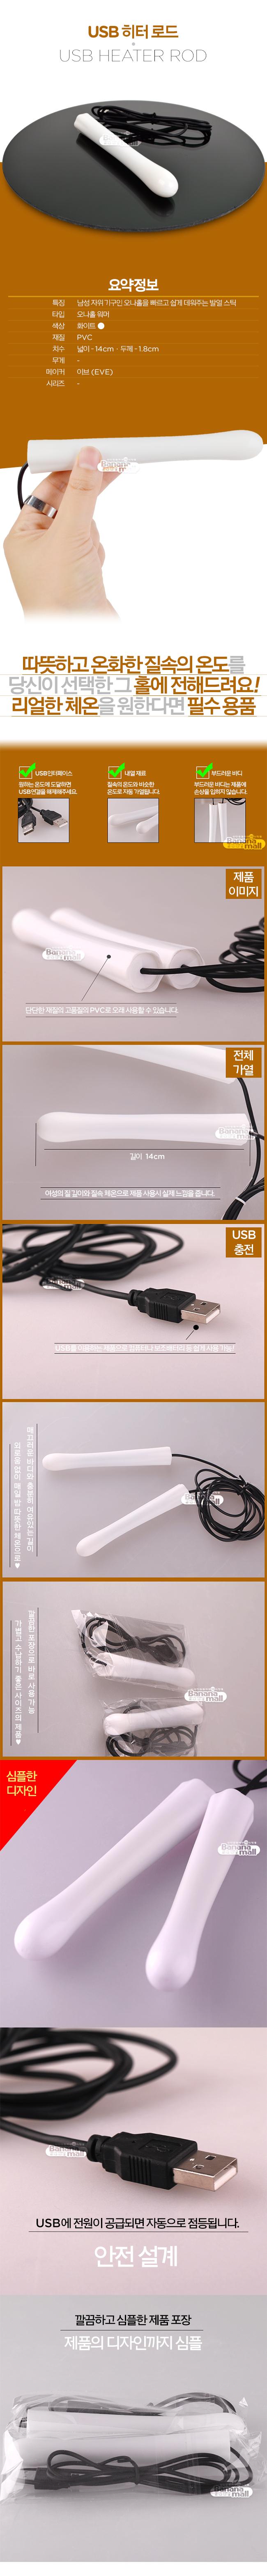 [오나홀 워머] USB 히터 로드(EVE USB Heater Rod) - 이브(6970025950540) (EVE)